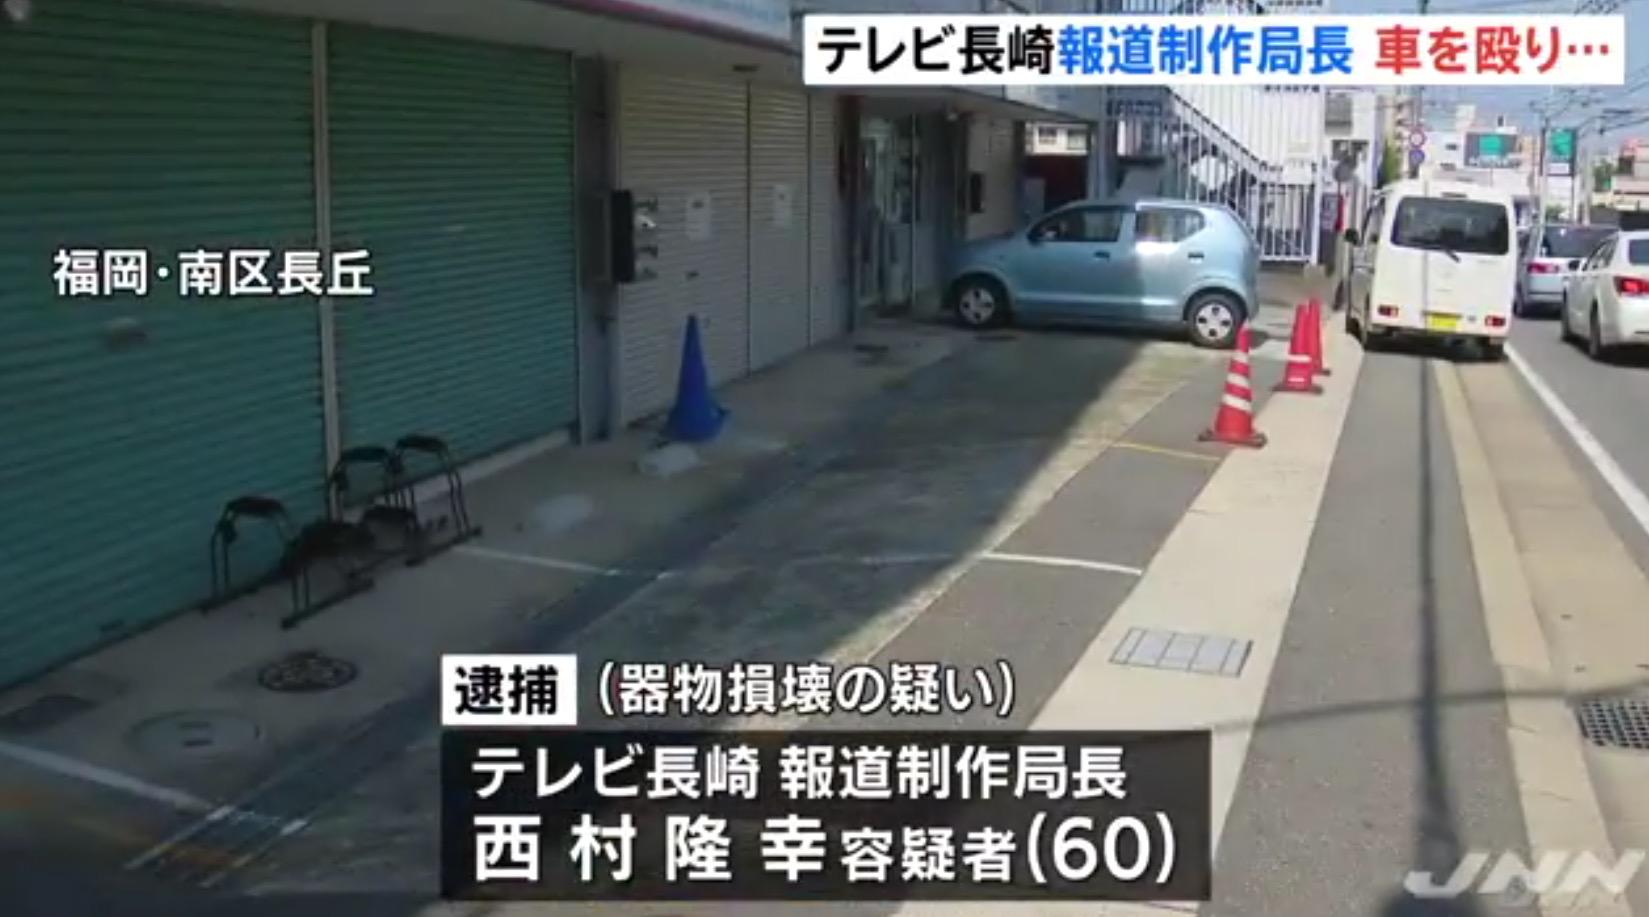 テレビ長崎 おわび